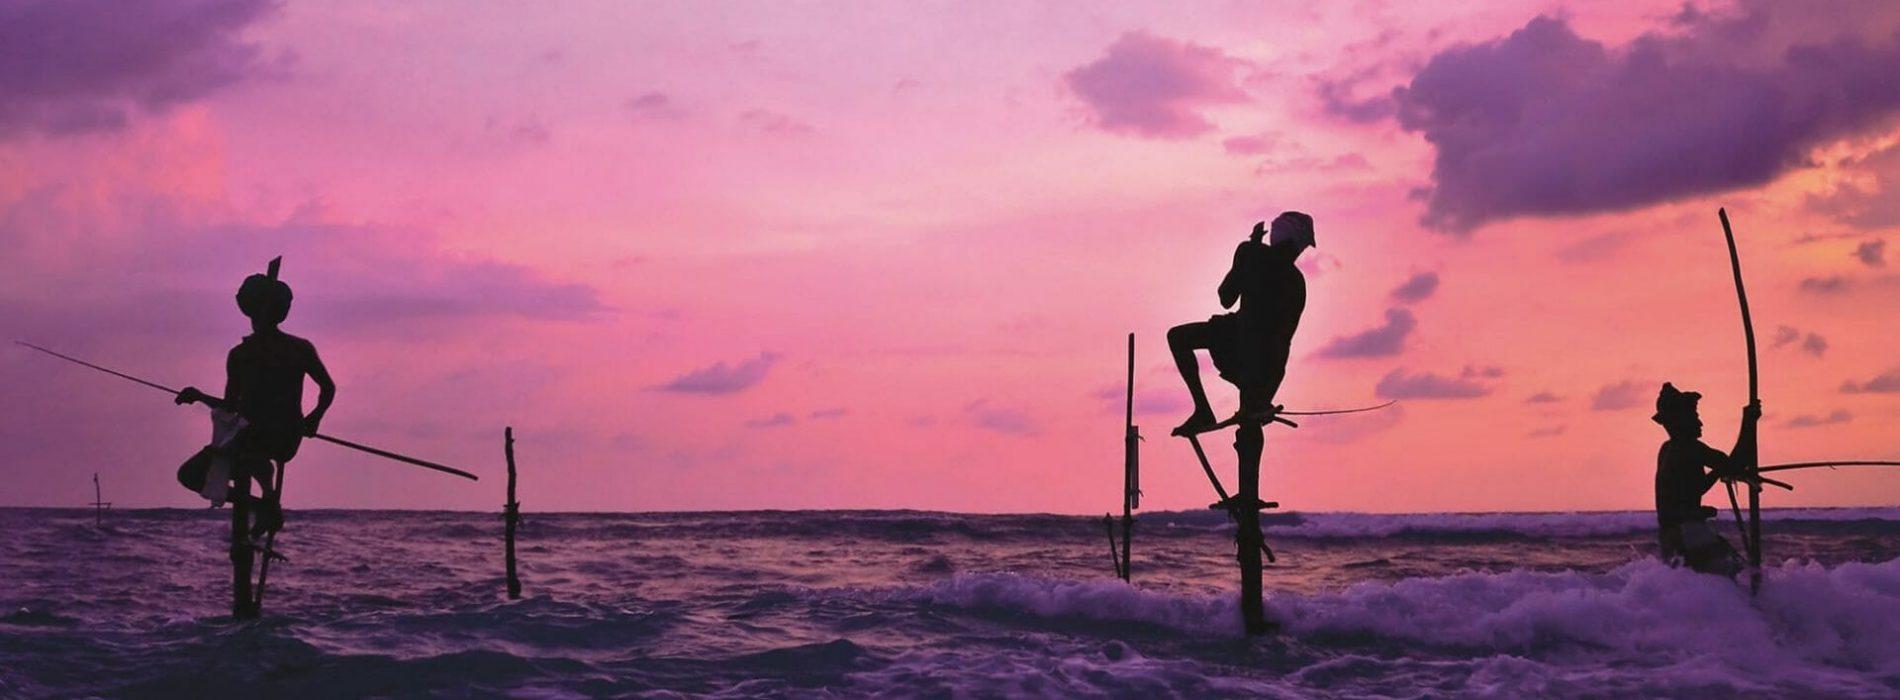 Sri Lanka, pêcheurs sur pilotis